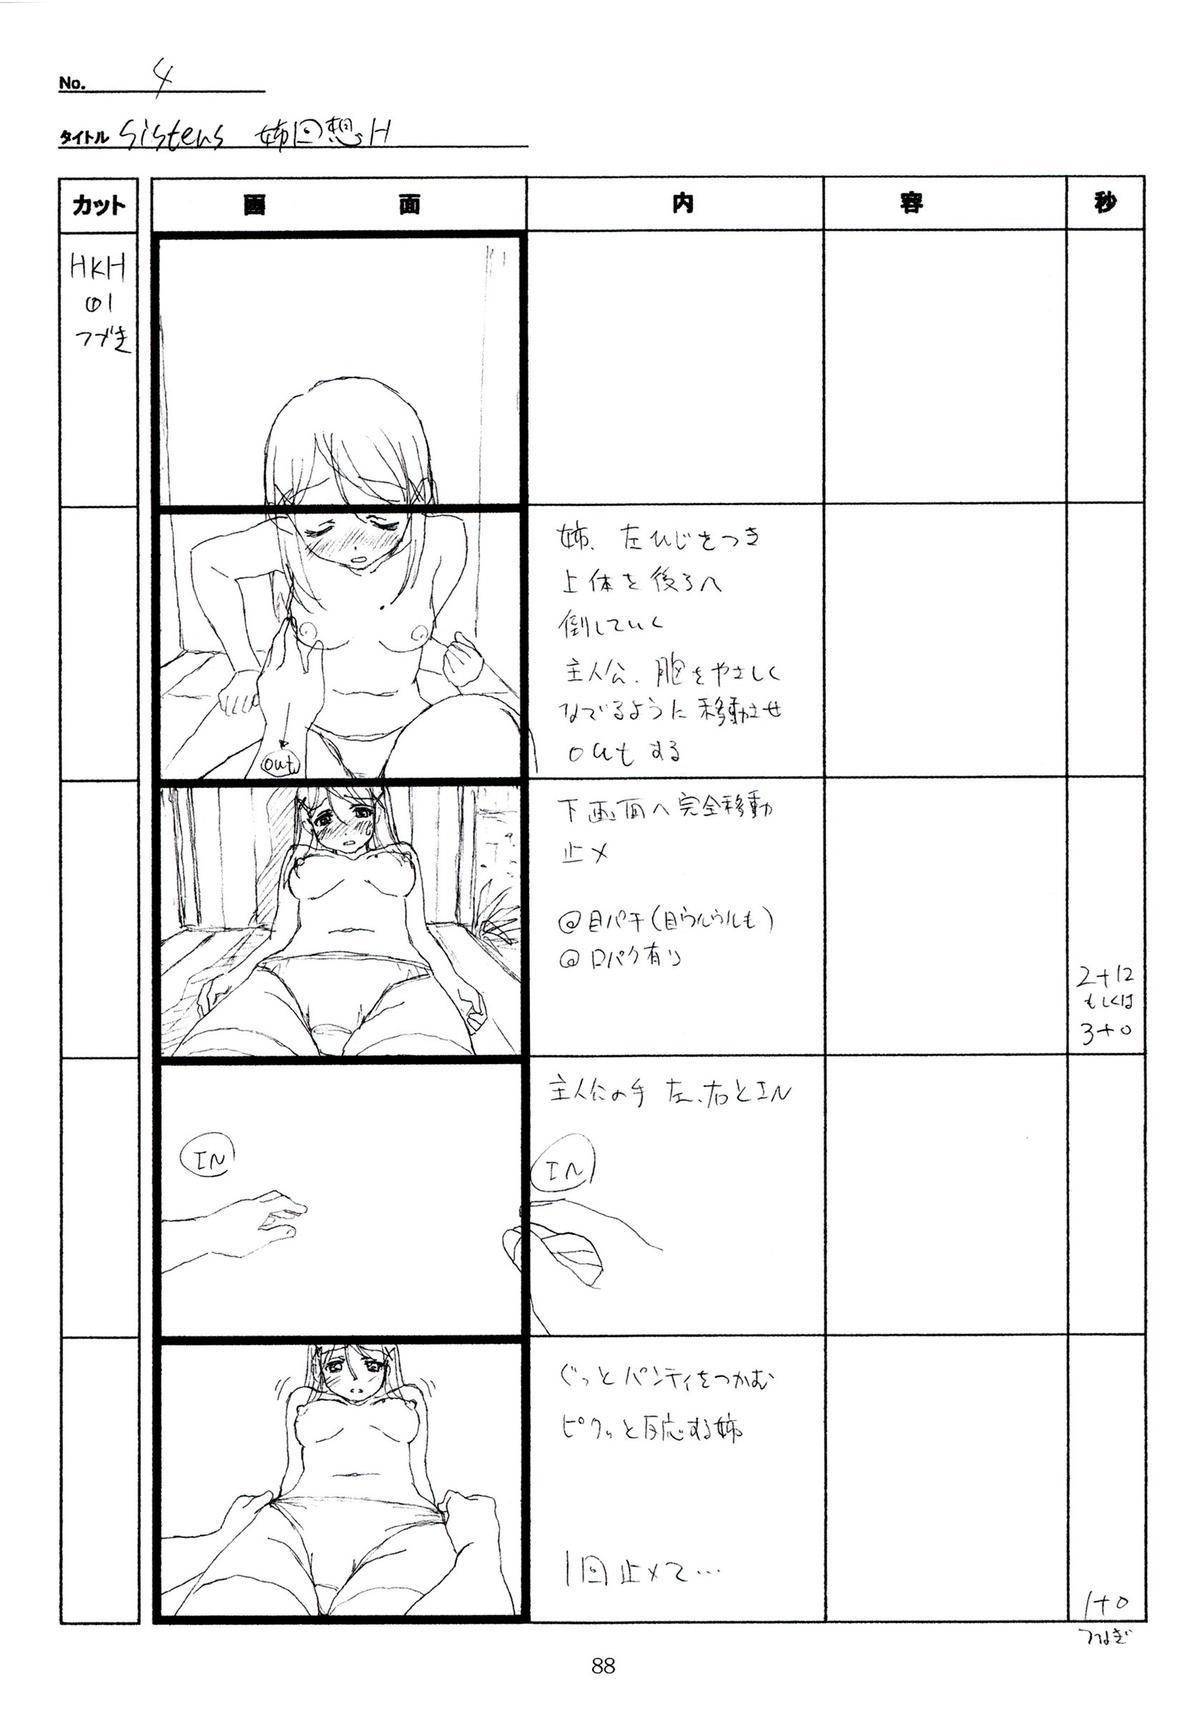 (C89) [Makino Jimusho (Taki Minashika)] SISTERS -Natsu no Saigo no Hi- H Scene All Part Storyboard (SISTERS -Natsu no Saigo no Hi-) 87